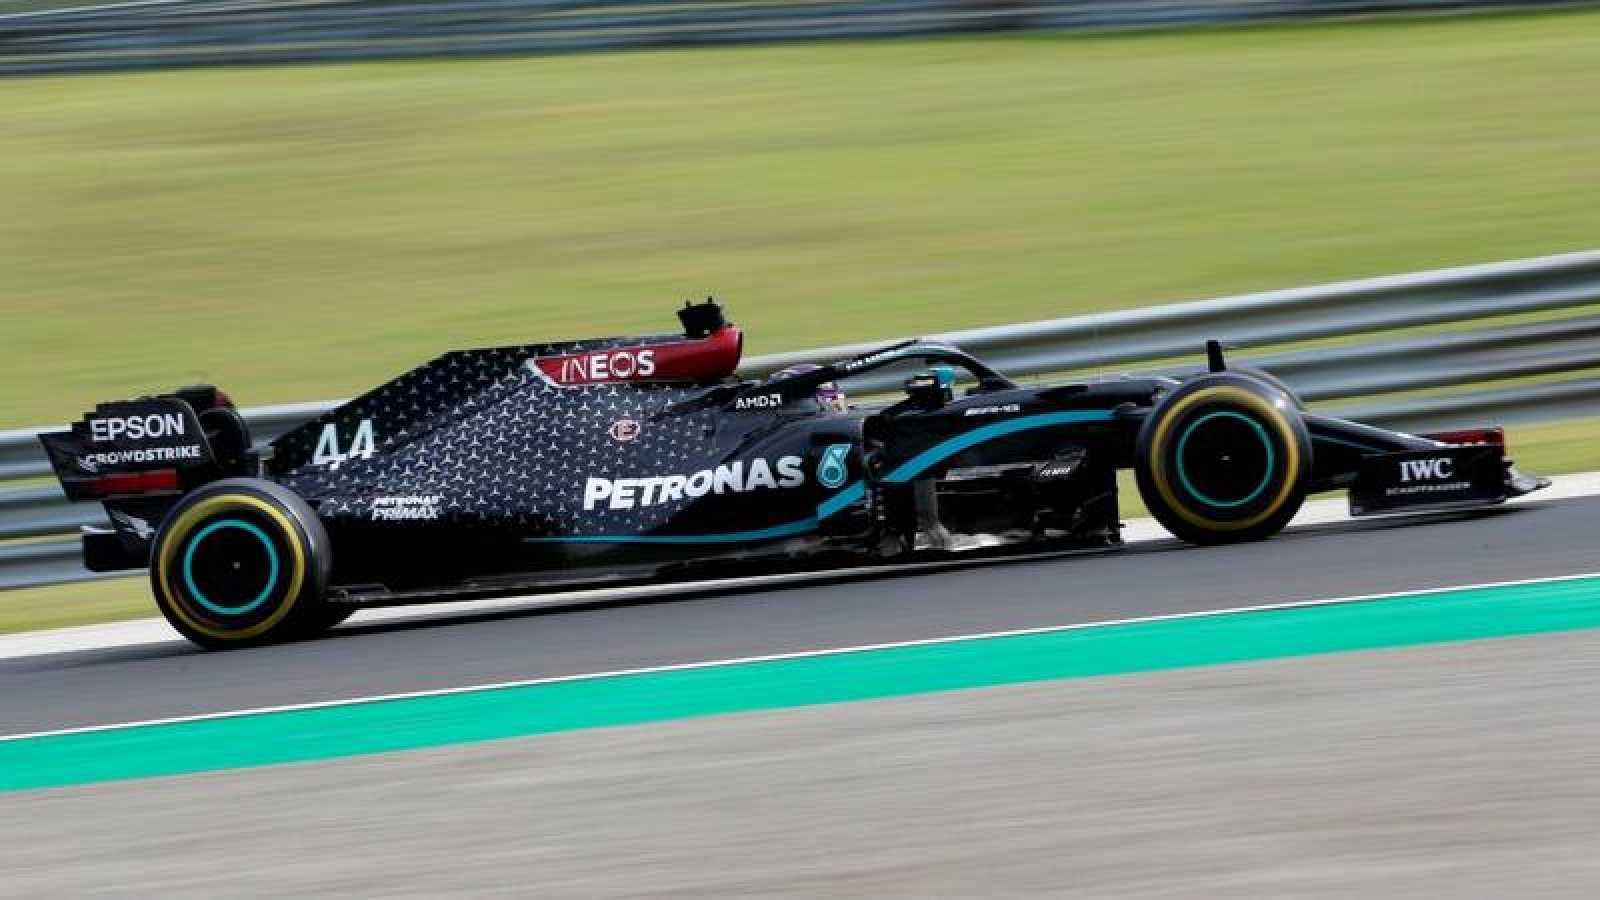 El piloto de Mercedes Lewis Hamilton durante el GP de Hungría.